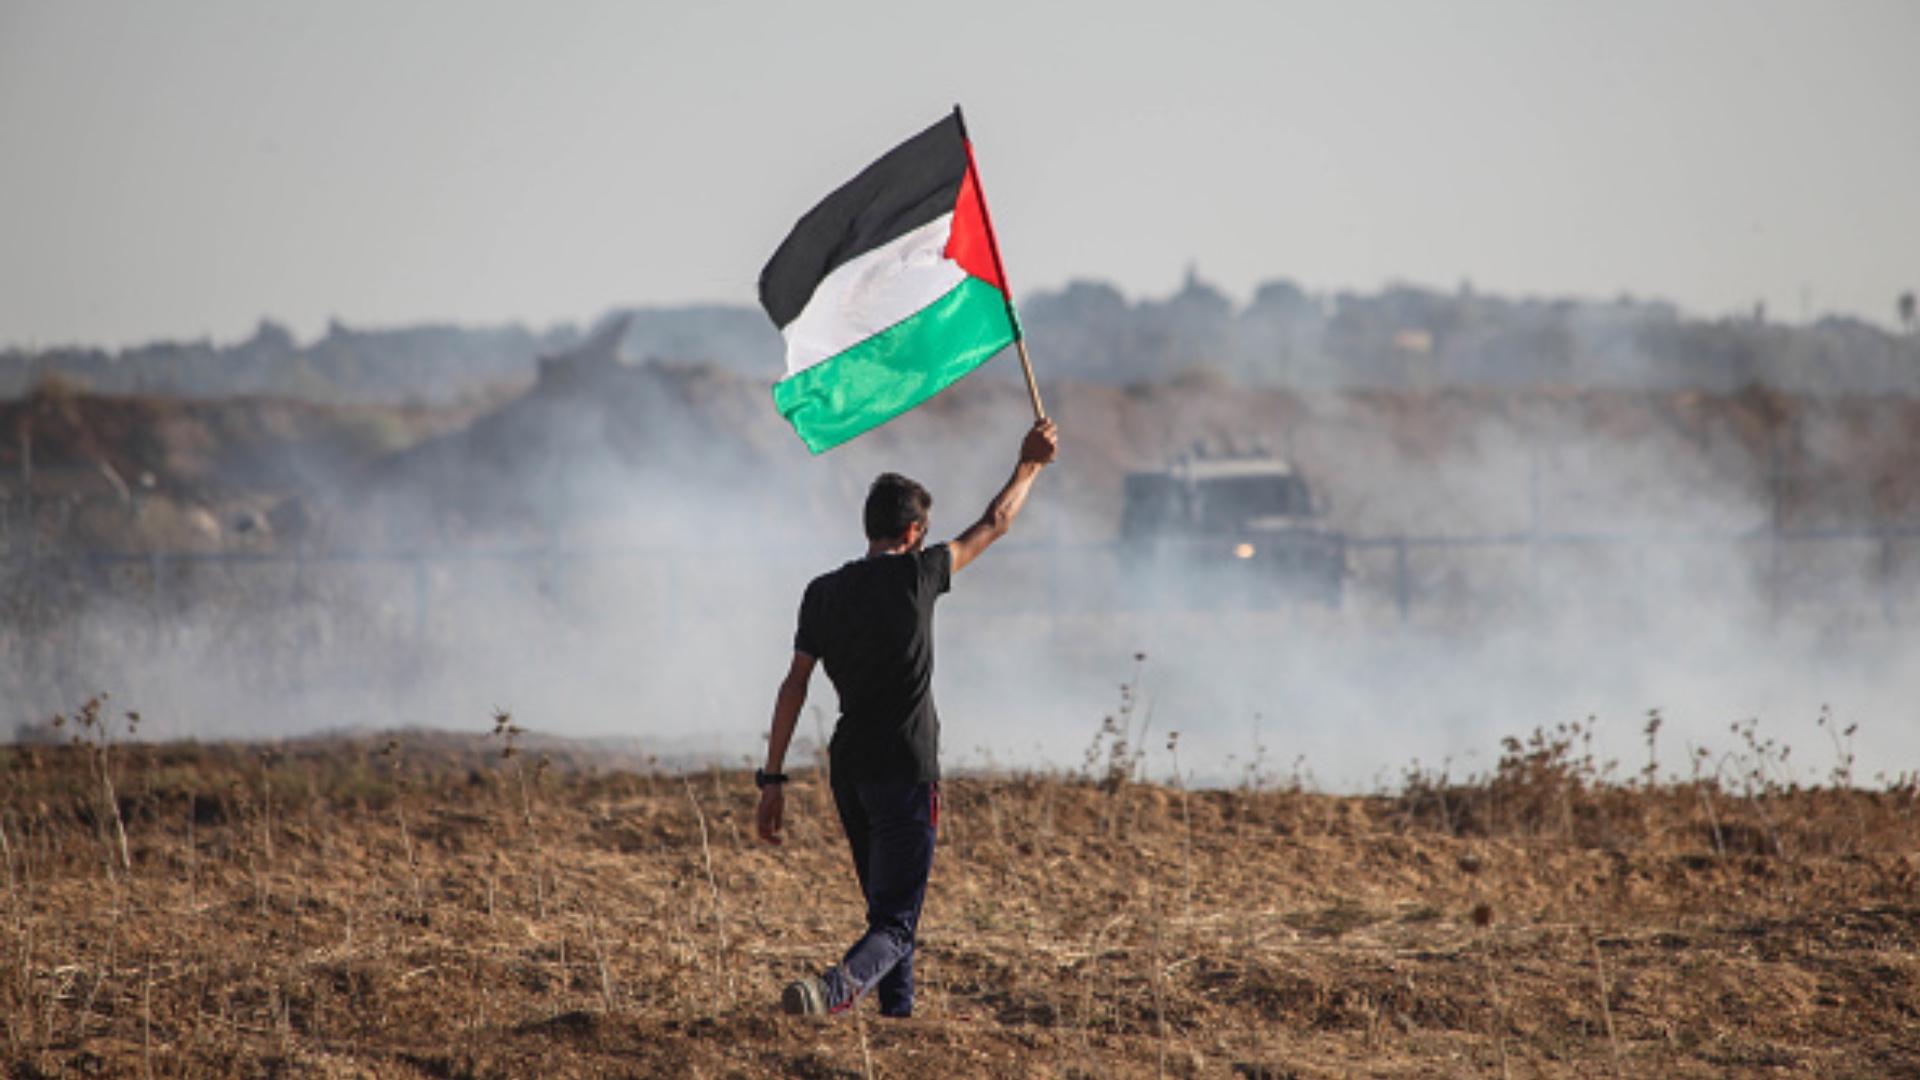 La Palestine Abandonne Tous les Accords et Ententes avec l